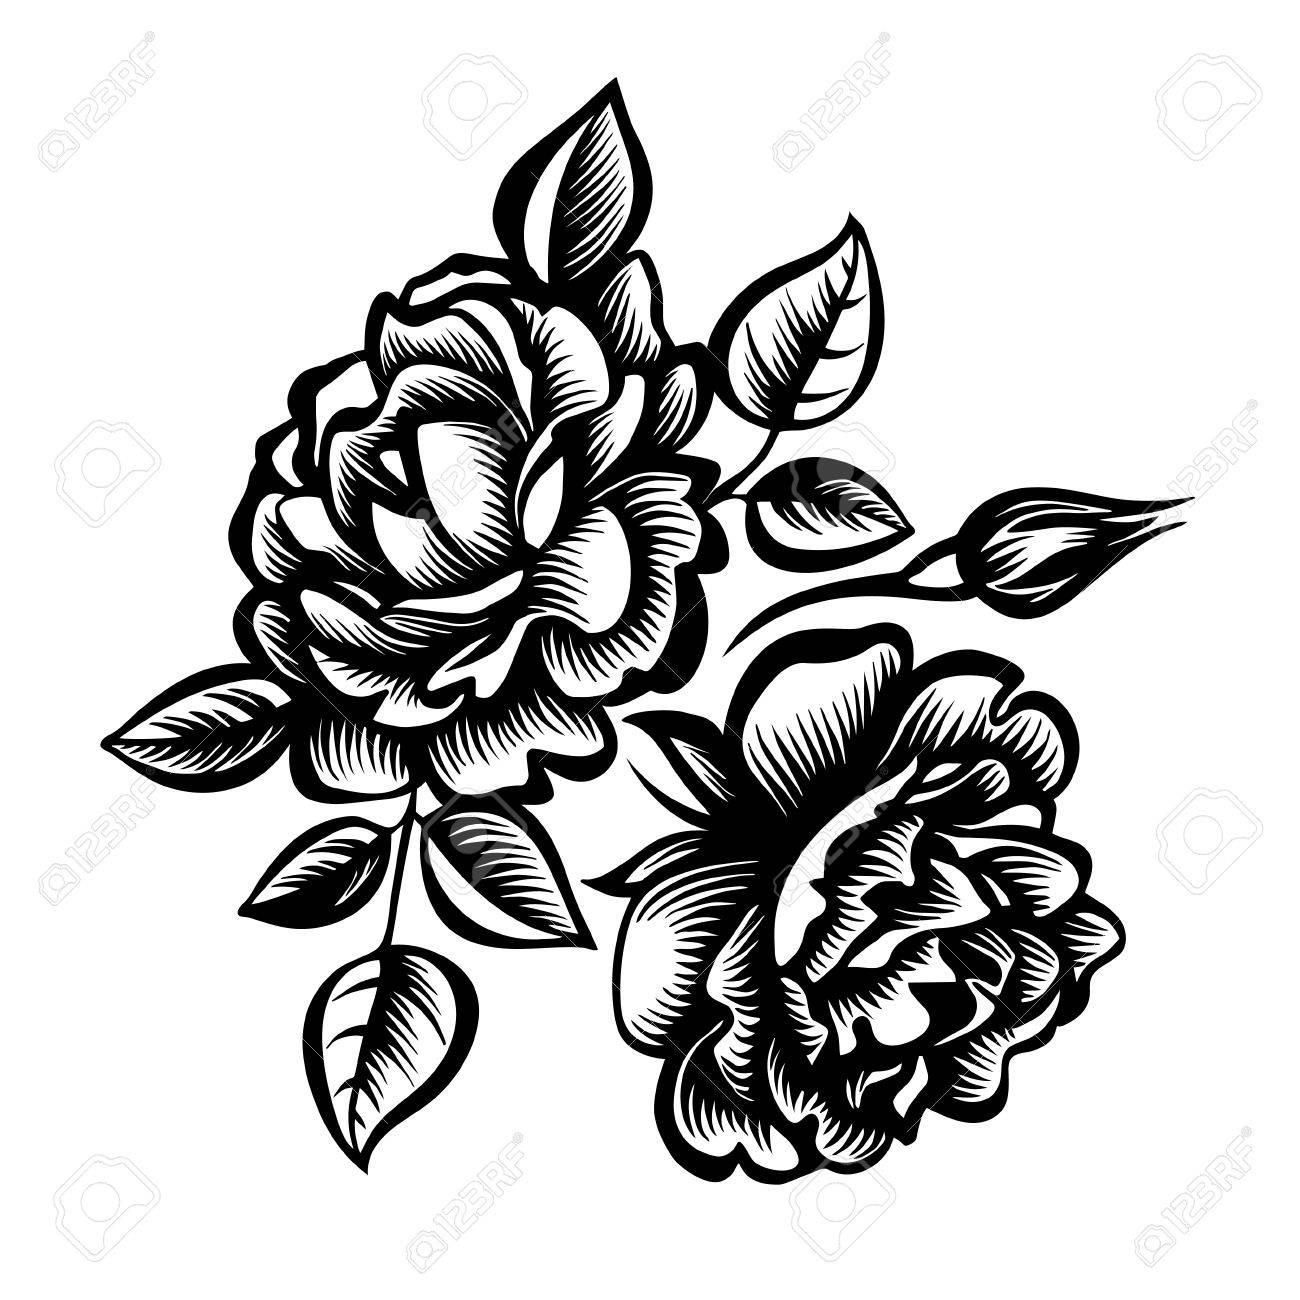 Vector Decorativo En Blanco Y Negro Ramo De Rosas Flores De Peonía